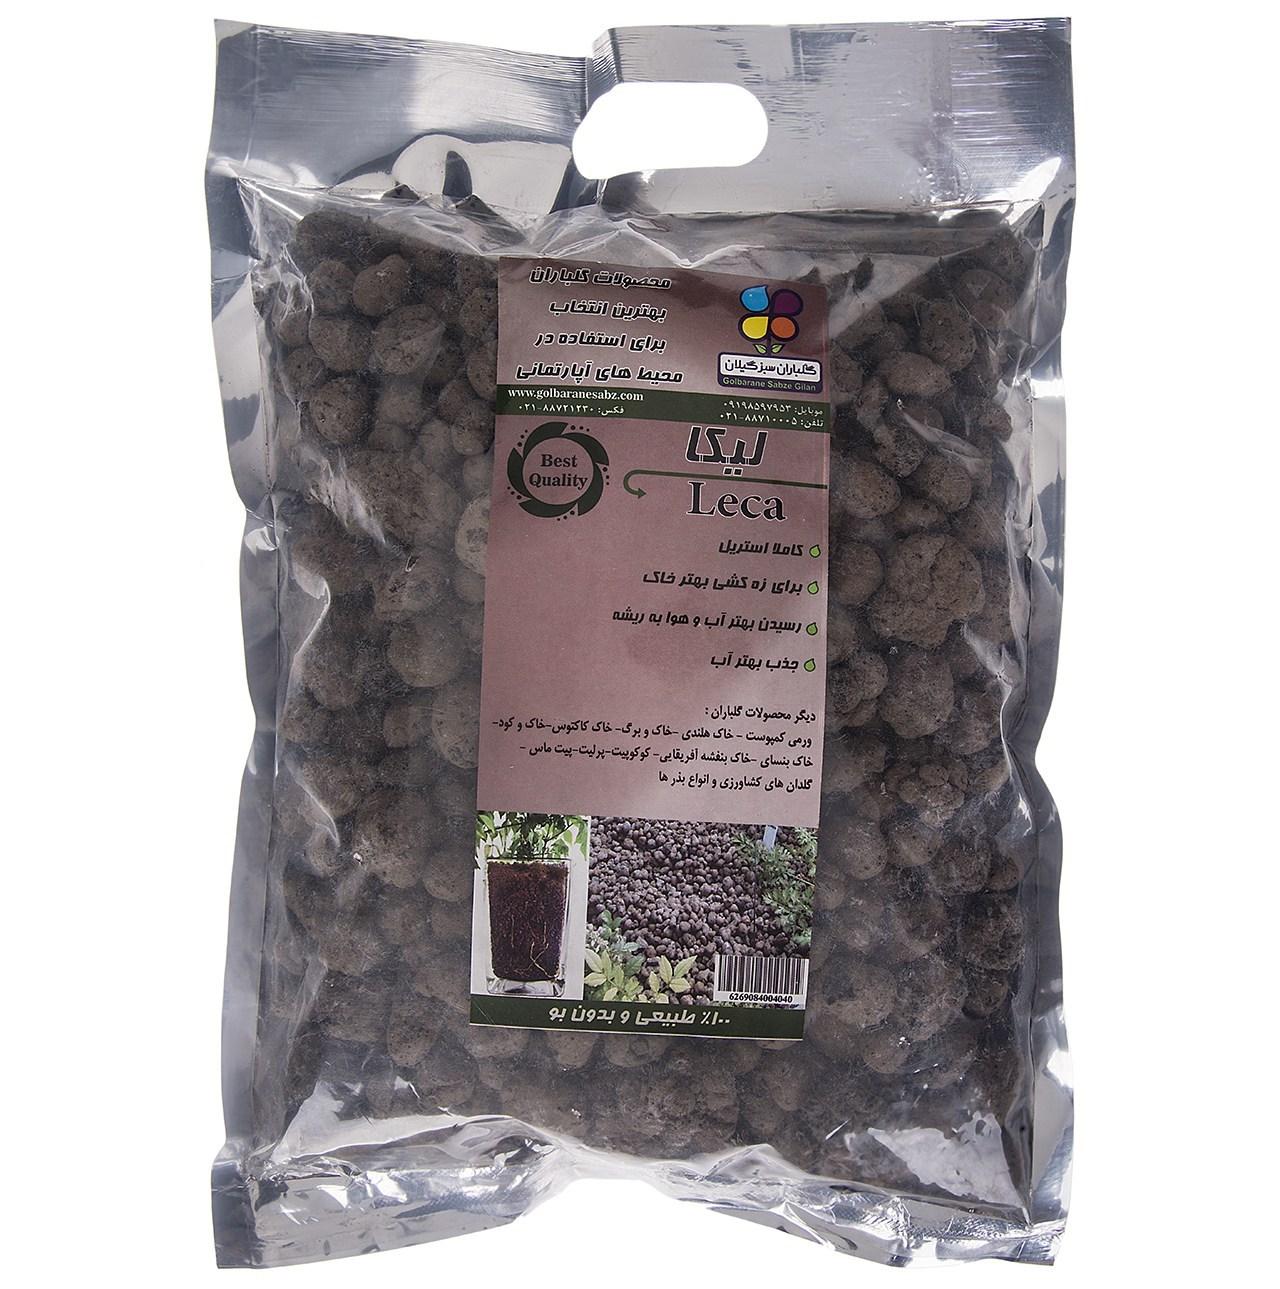 لیکا دانه بزرگ گلباران سبز بسته 2 کیلوگرمی